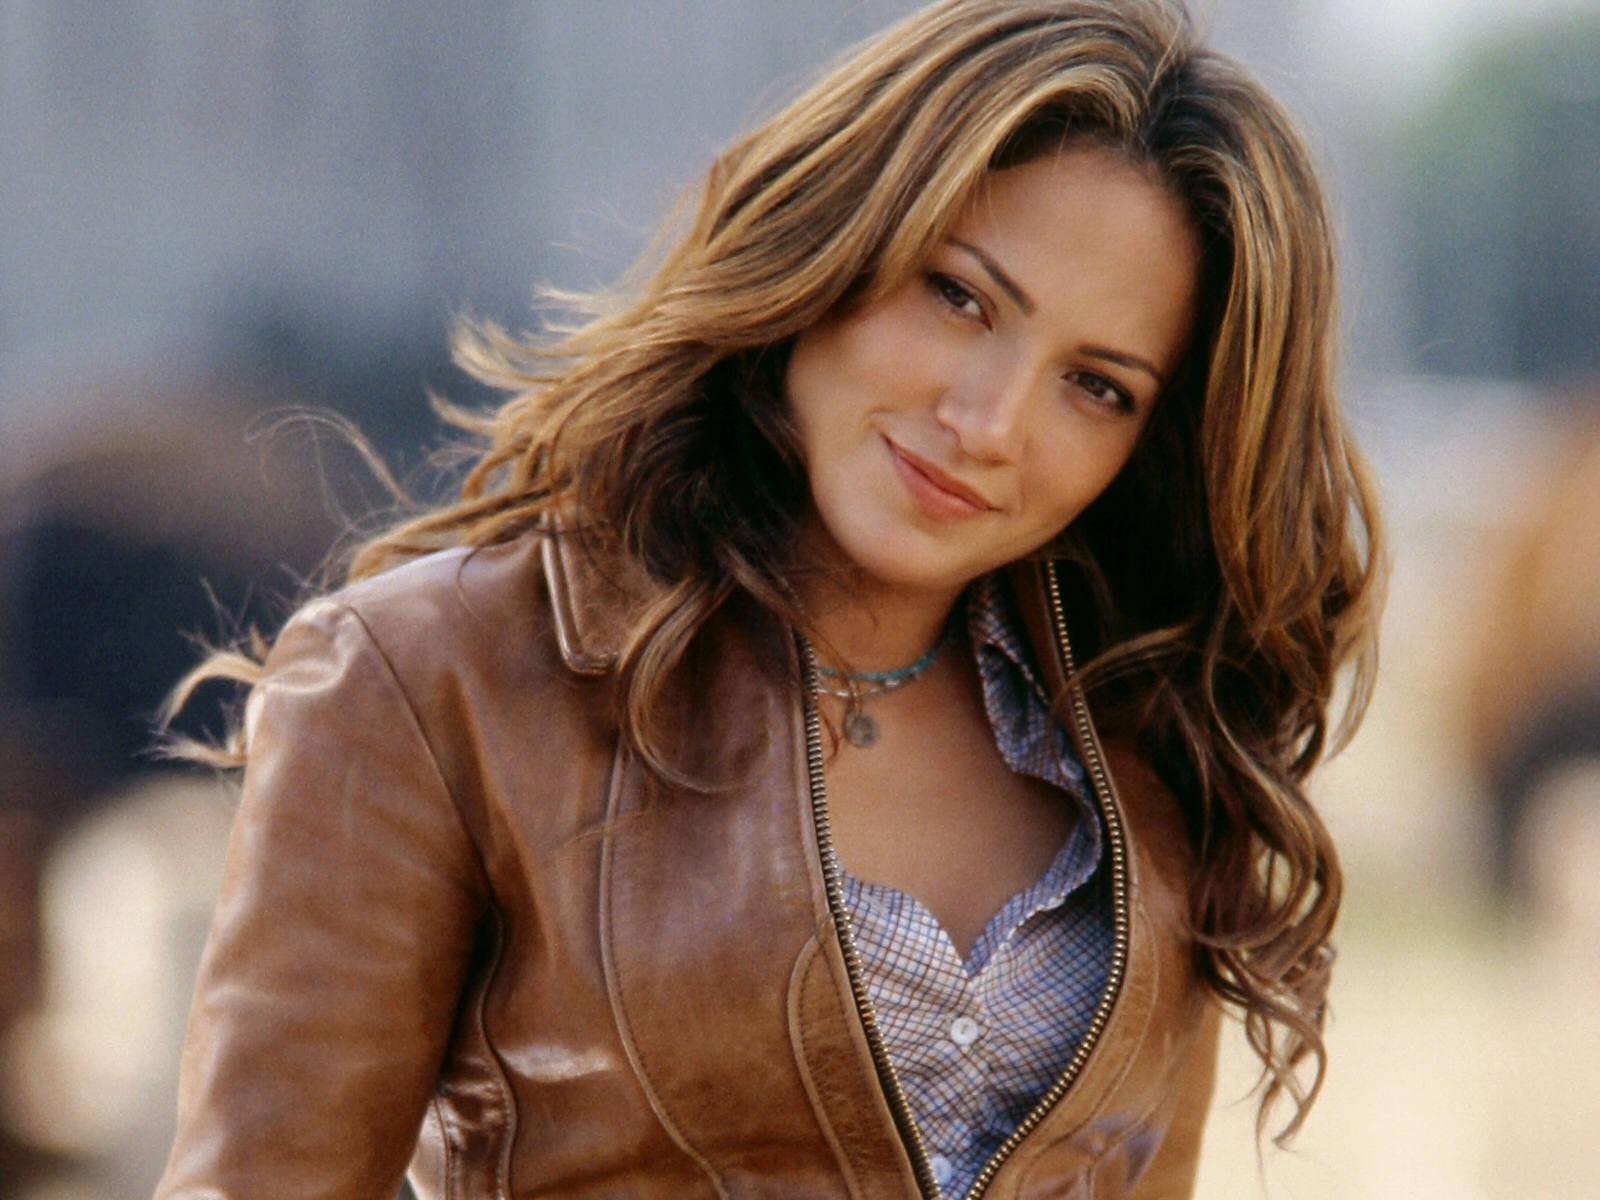 Wallpaper di Jennifer Lopez - la splendida cantante e attrice americana è nata il 24 luglio del 1969 sotto il segno del Leone